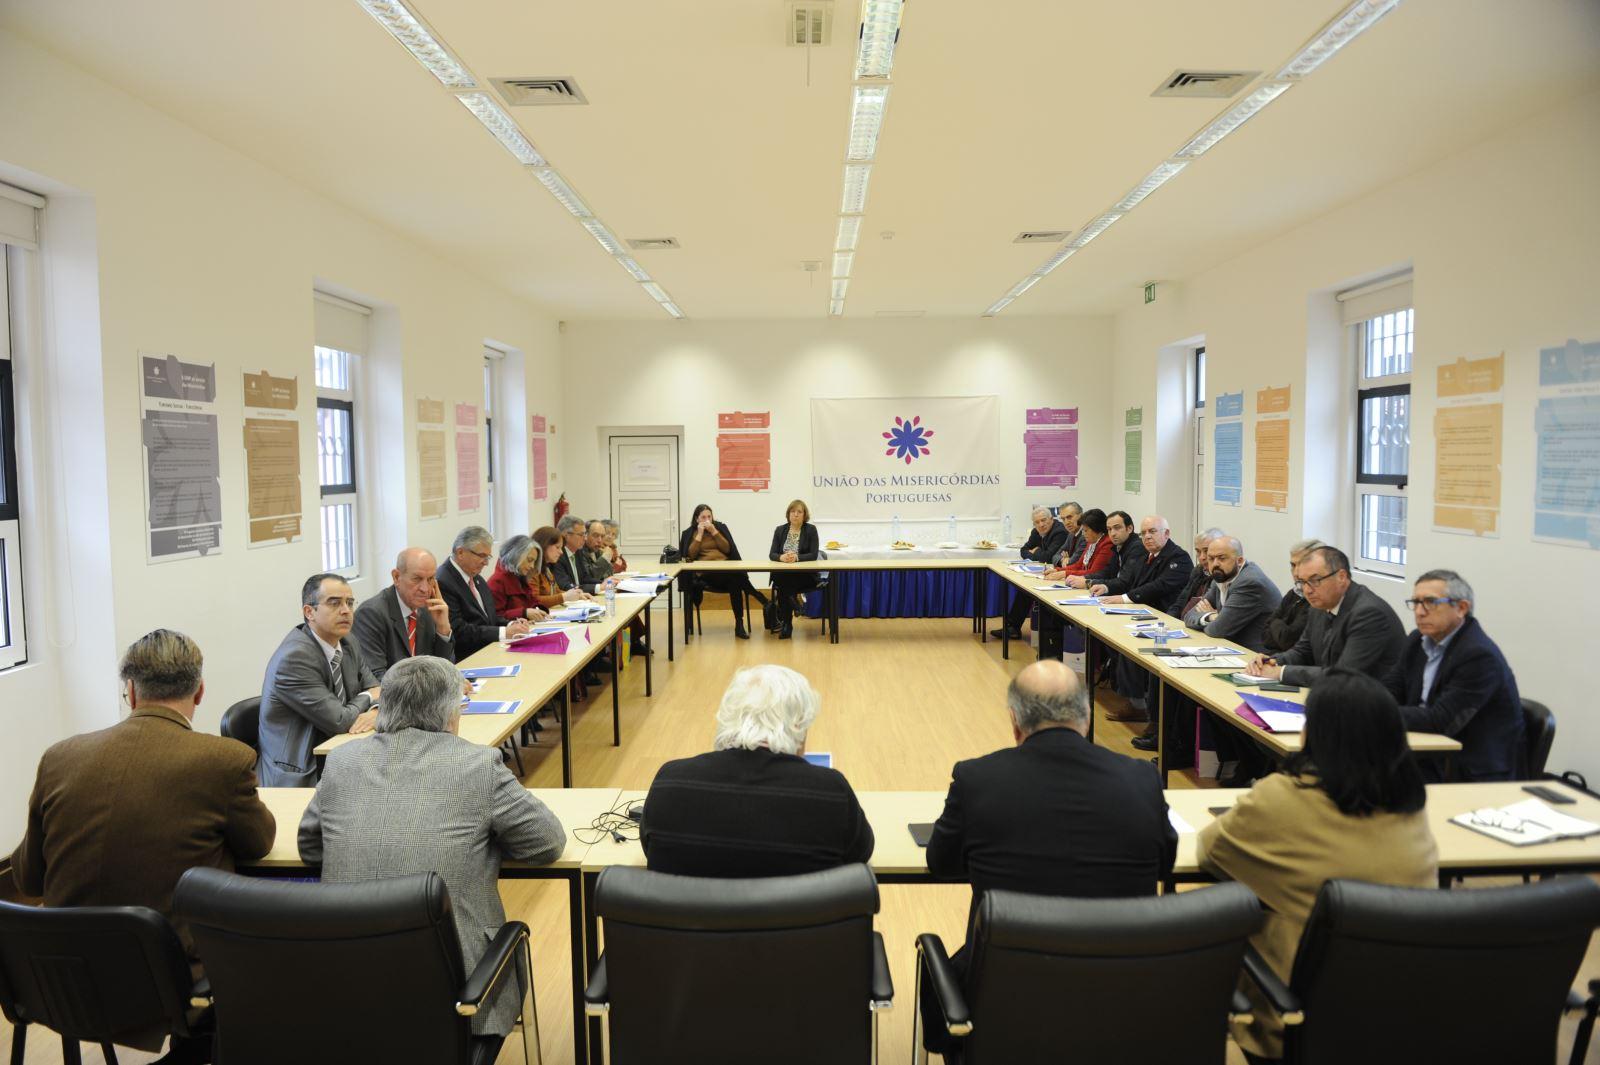 Sessão de acolhimento aos novos provedores em Lisboa